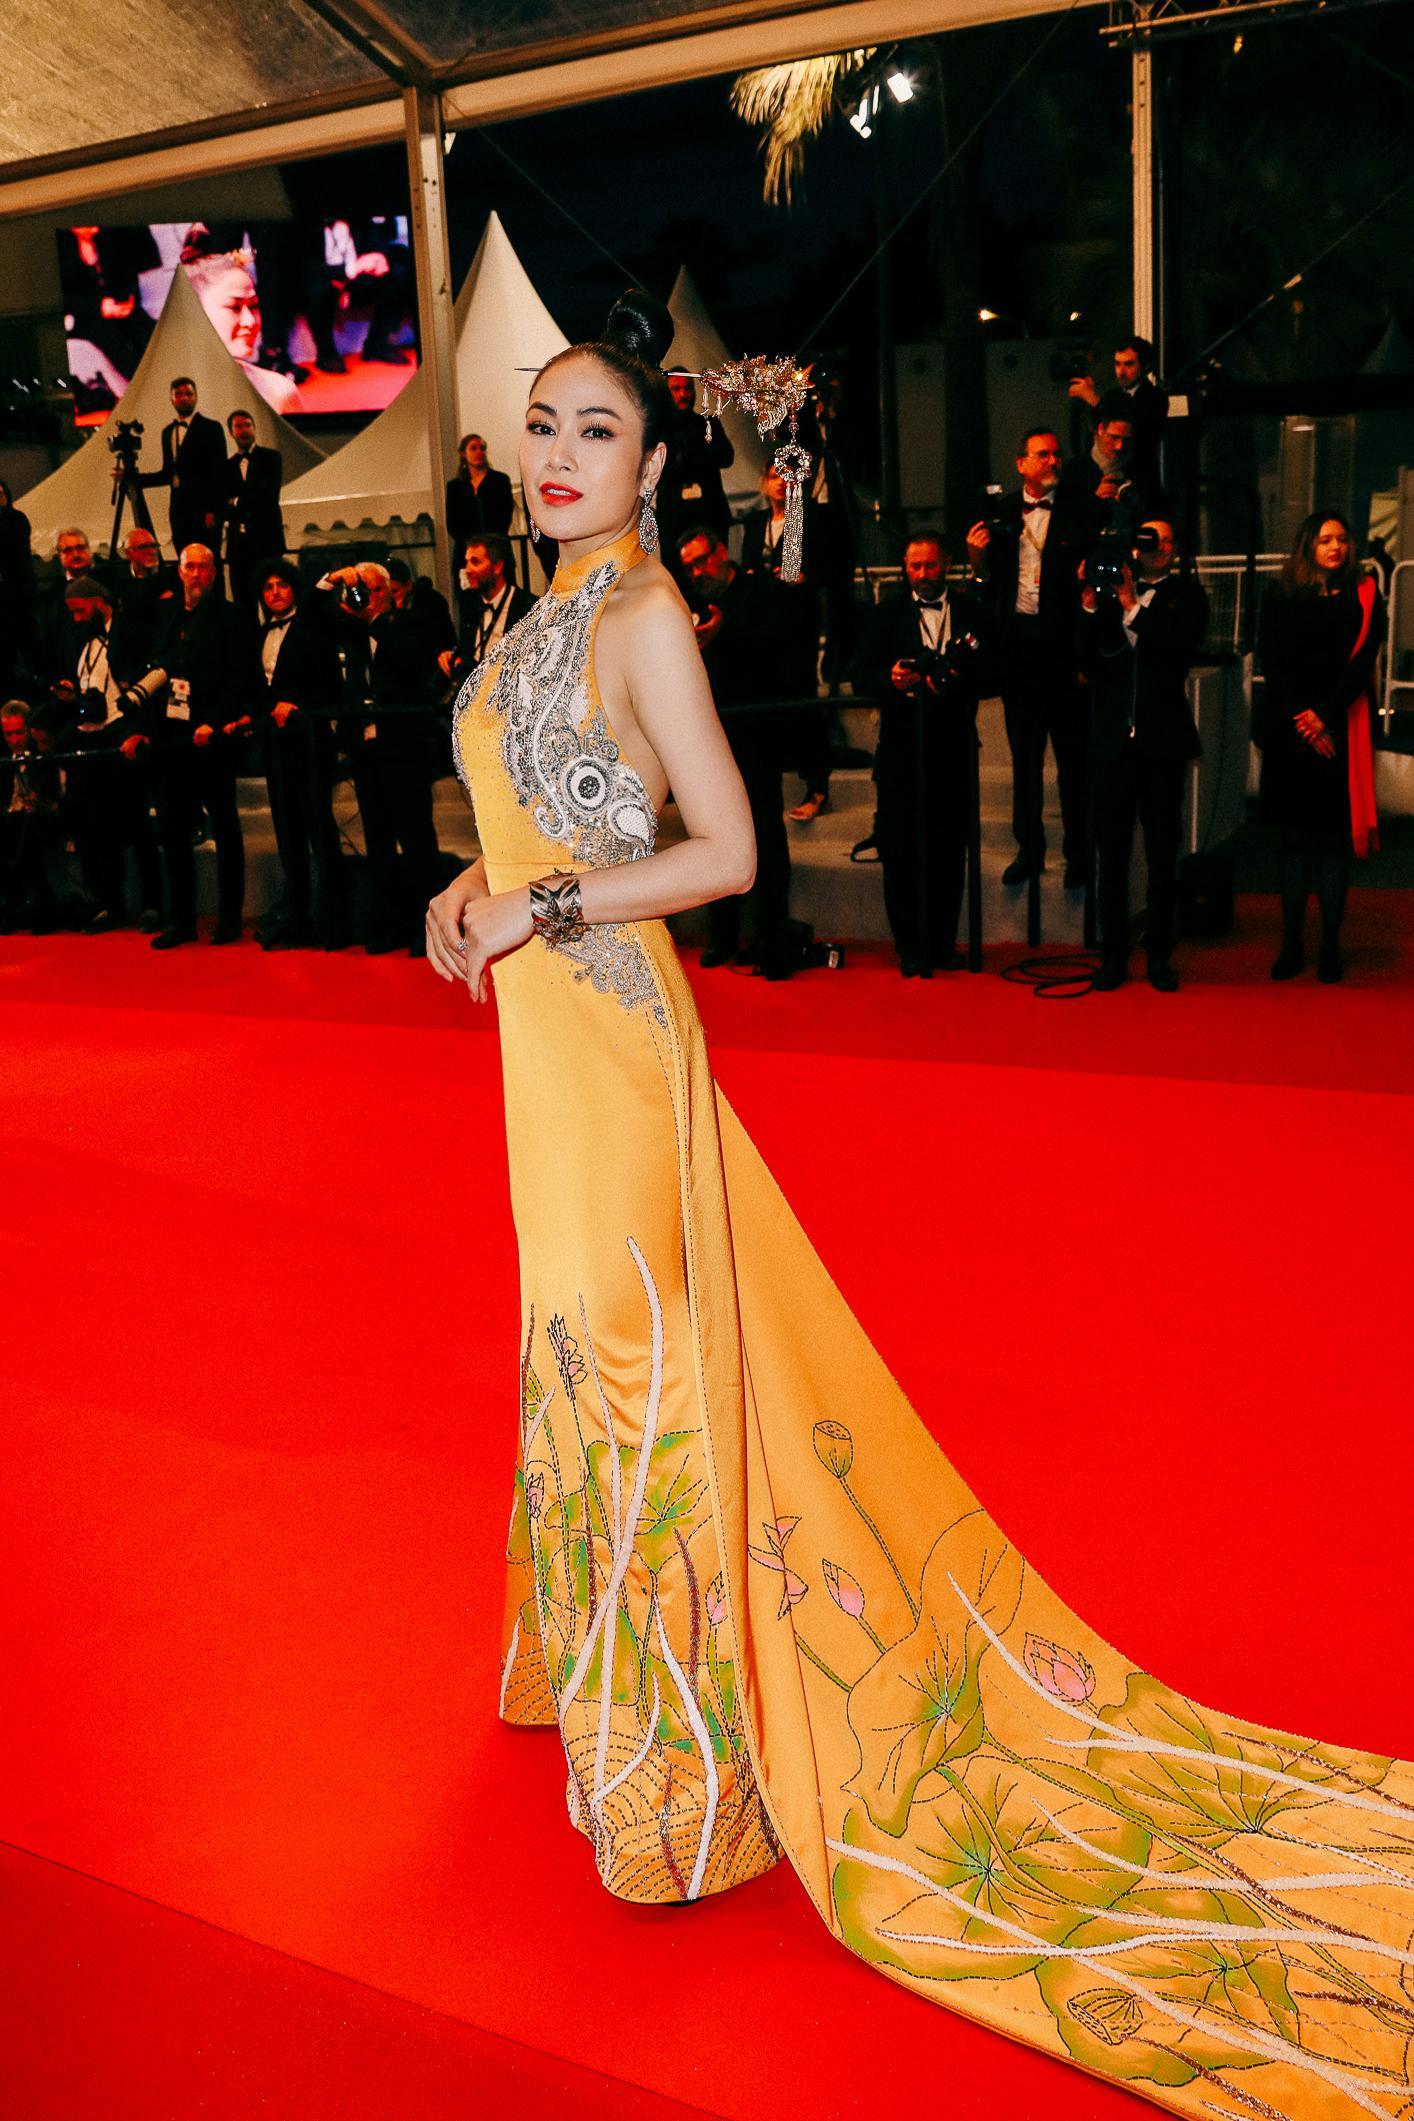 Sau Ngọc Trinh, thêm một người đẹp Việt 'náo loạn' thảm đỏ Cannes 2019 Ảnh 1